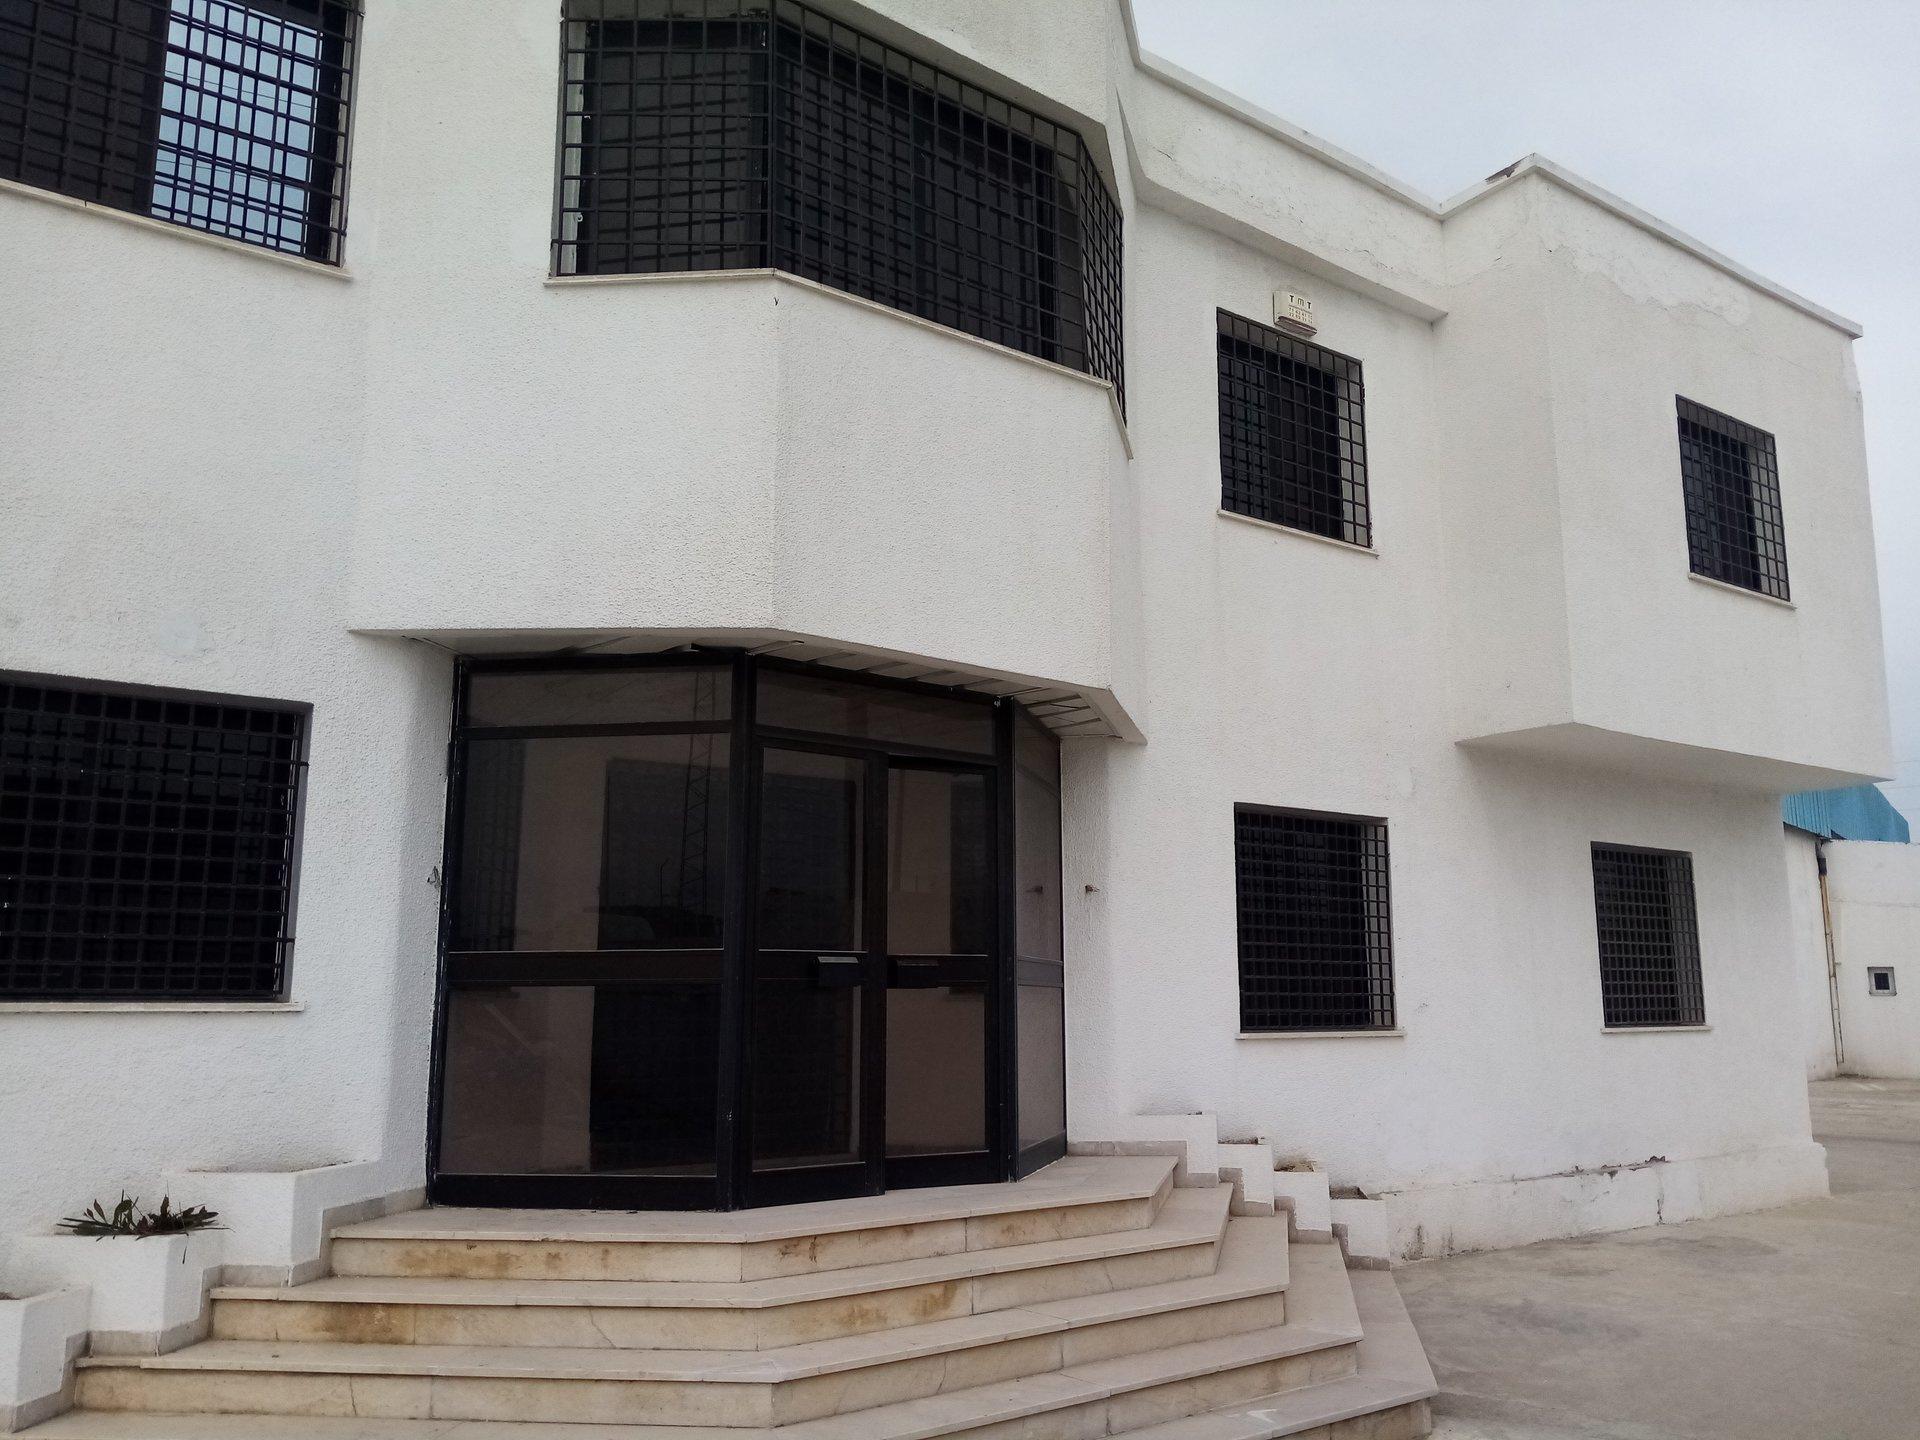 Rental Warehouse - Rades - Tunisia